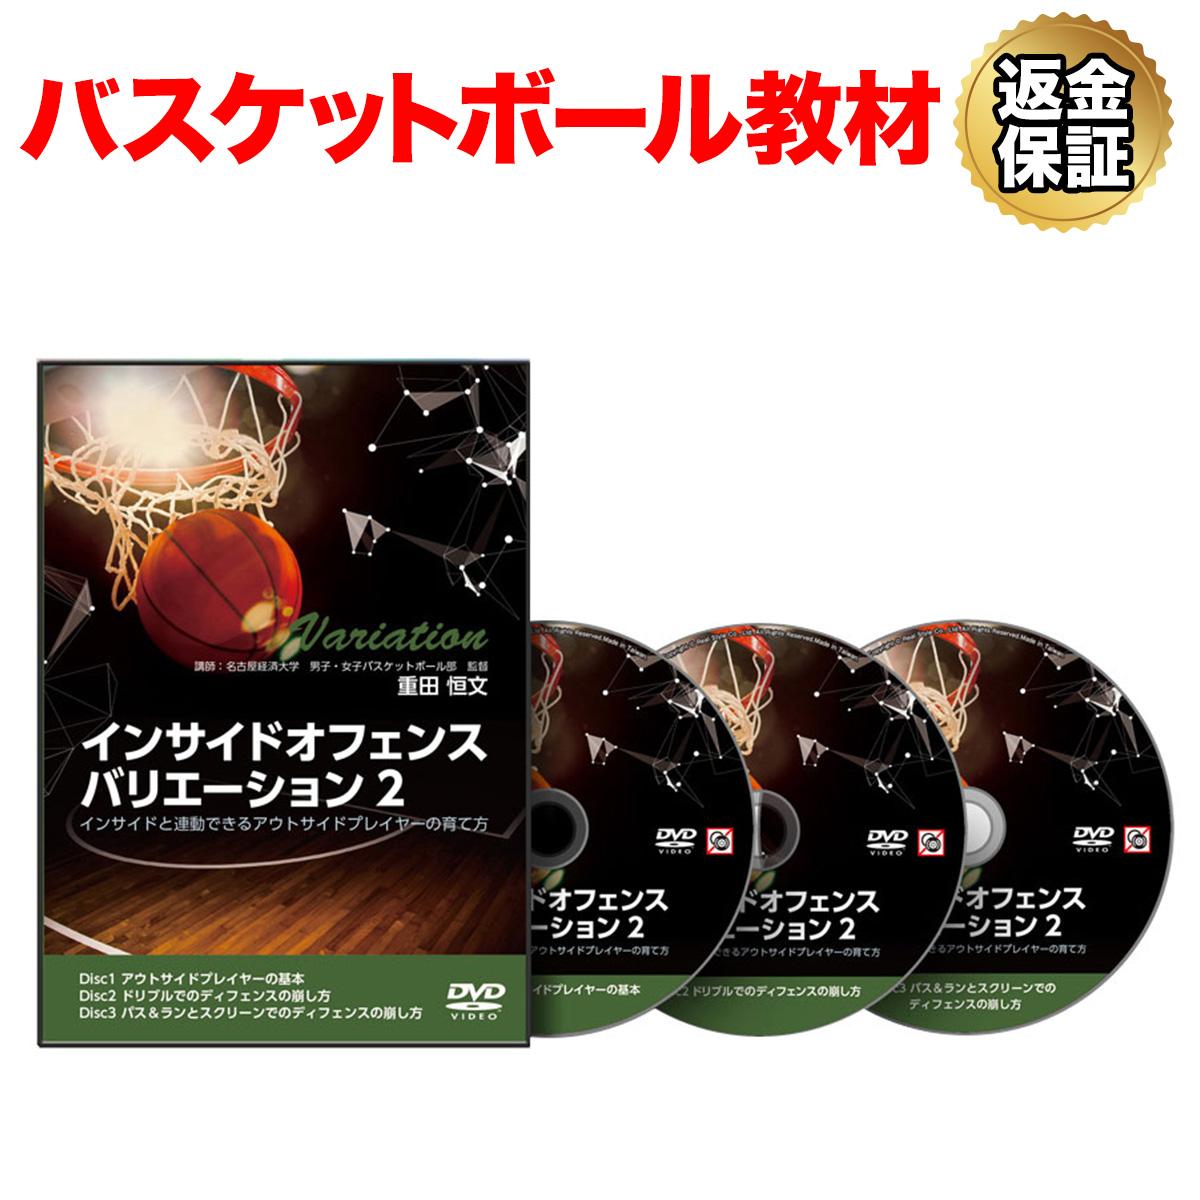 【バスケットボール】インサイドオフェンスバリエーション2